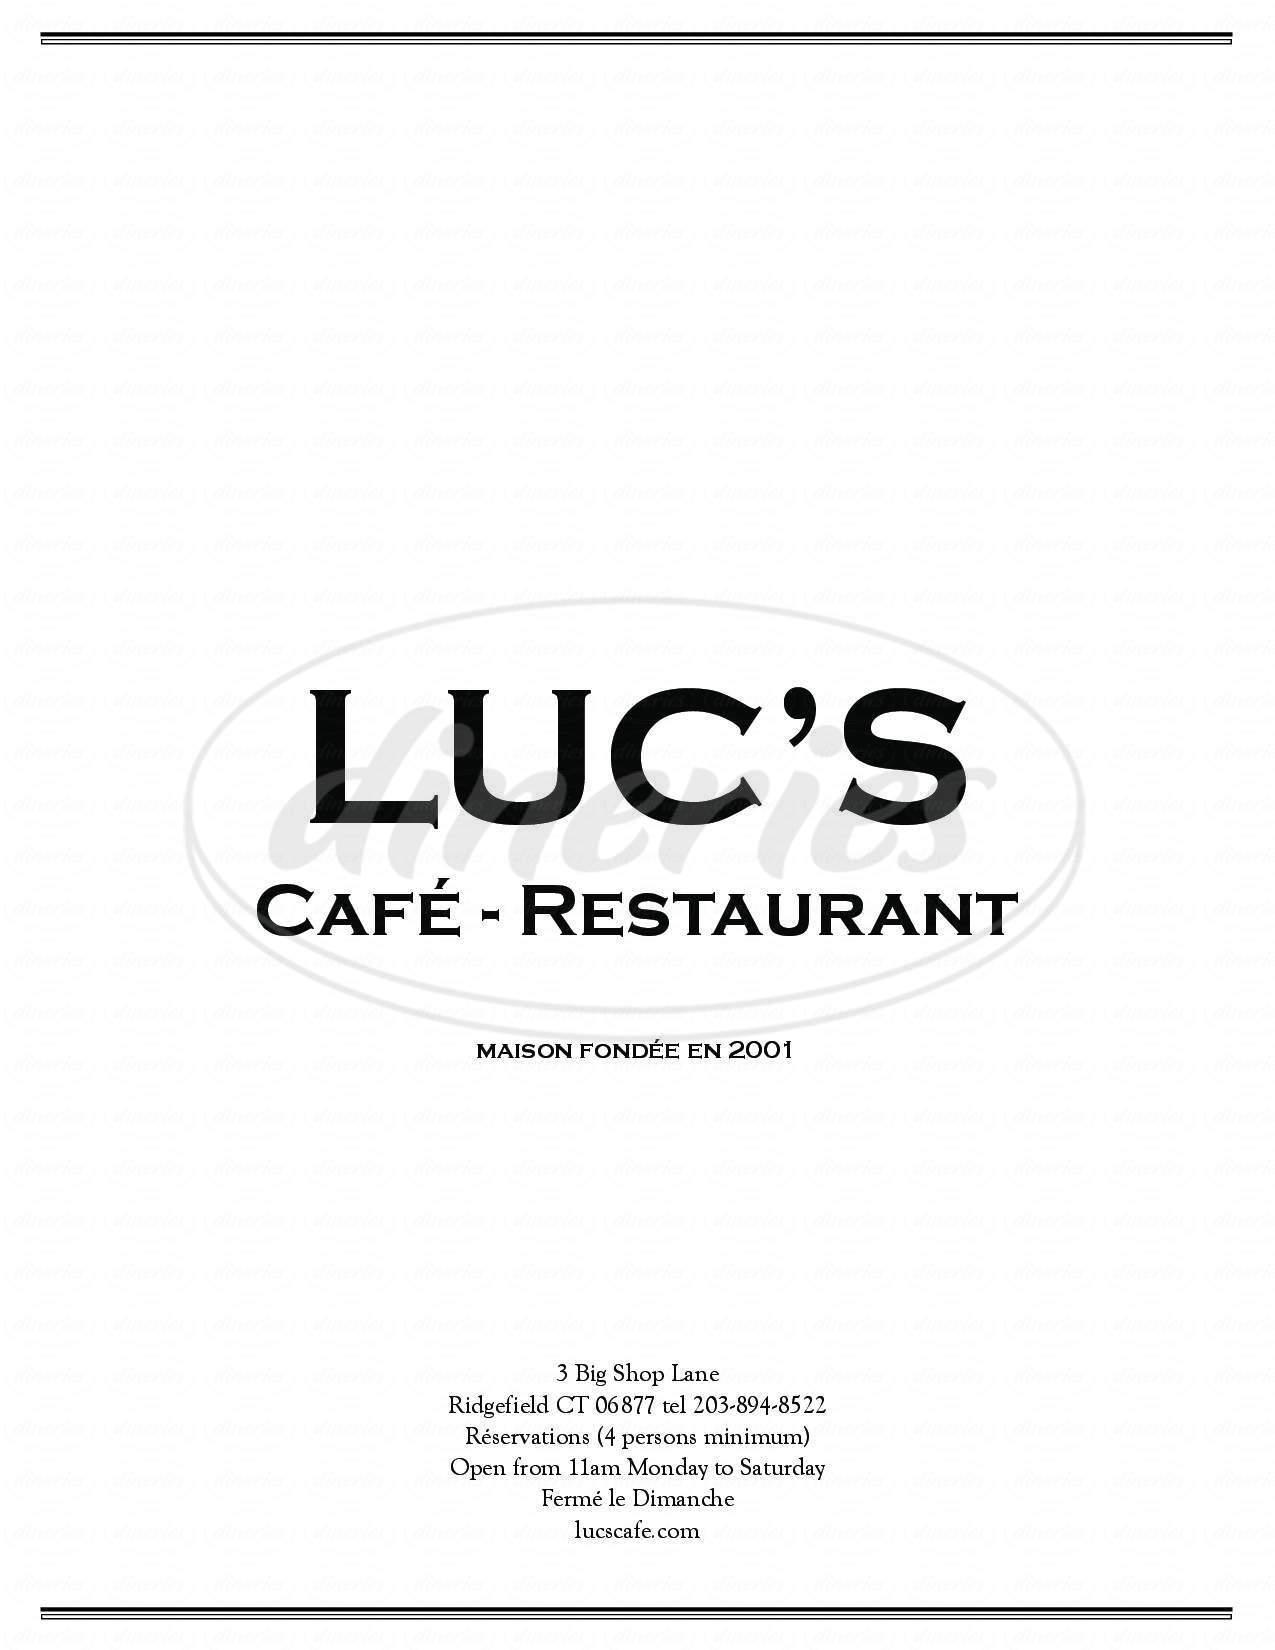 menu for Luc's Cafe & Restaurant